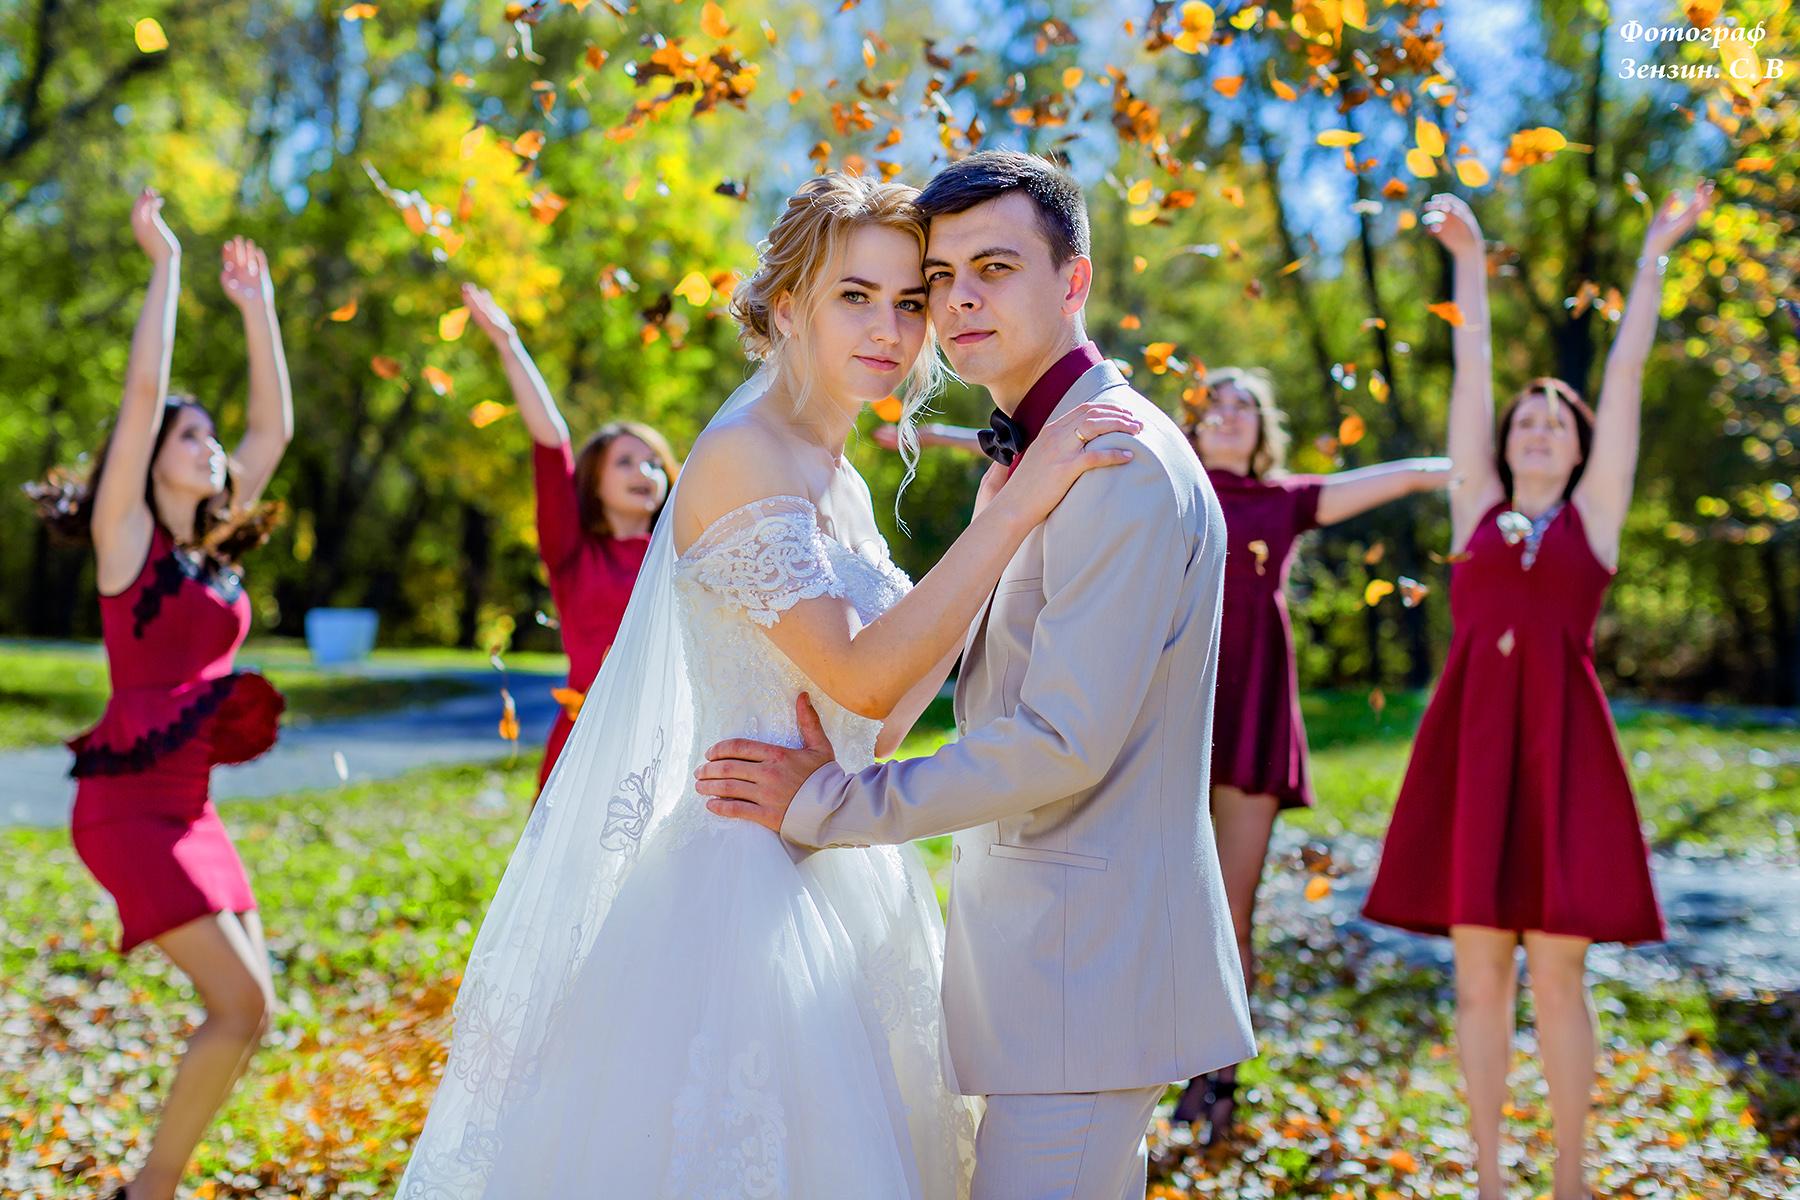 Барнаул Свадьба 28-09-2018 Наталья + Вла